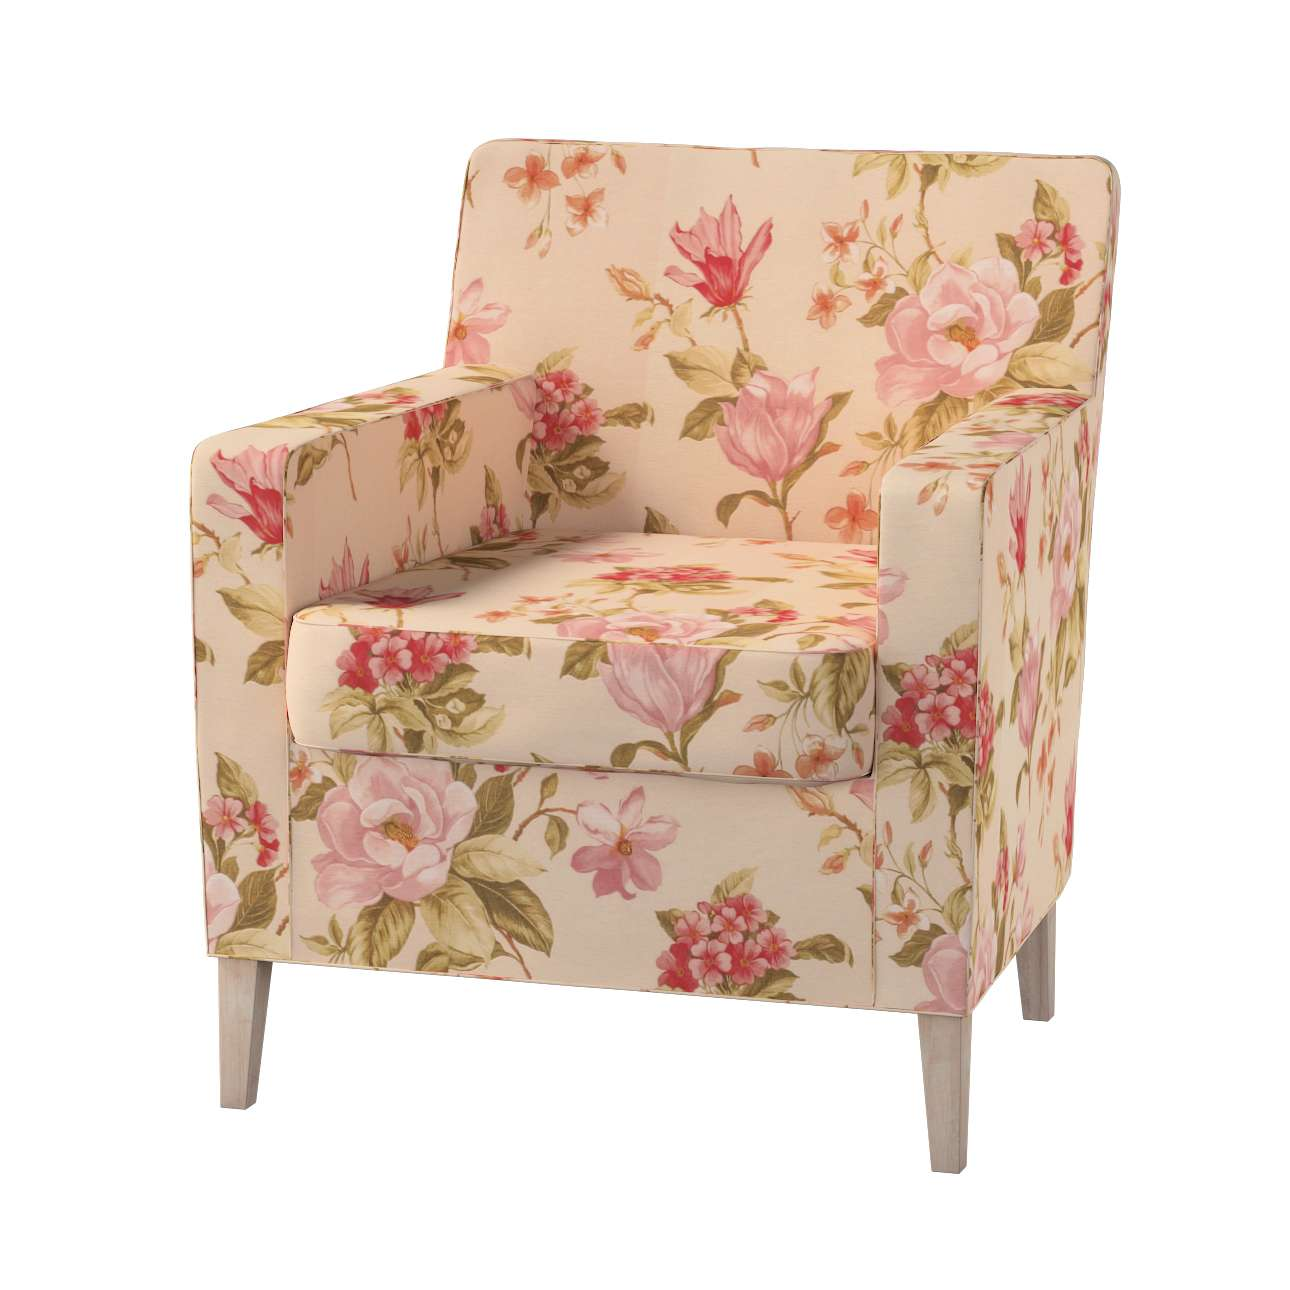 Karlstad fotelio-kėdės užvalkalas Karlstad fotelio - kėdės užvalkalas kolekcijoje Londres, audinys: 123-05